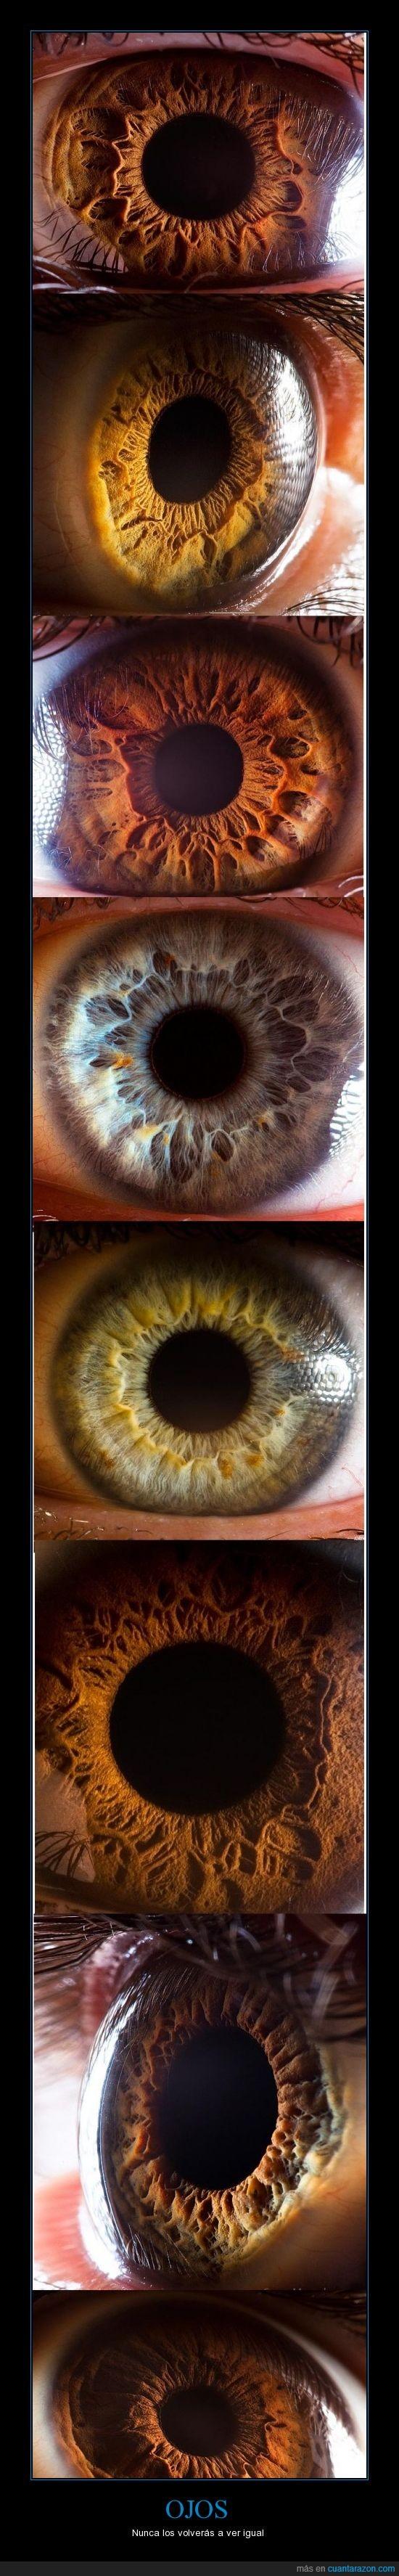 camara,especial,igual,macro,ojos